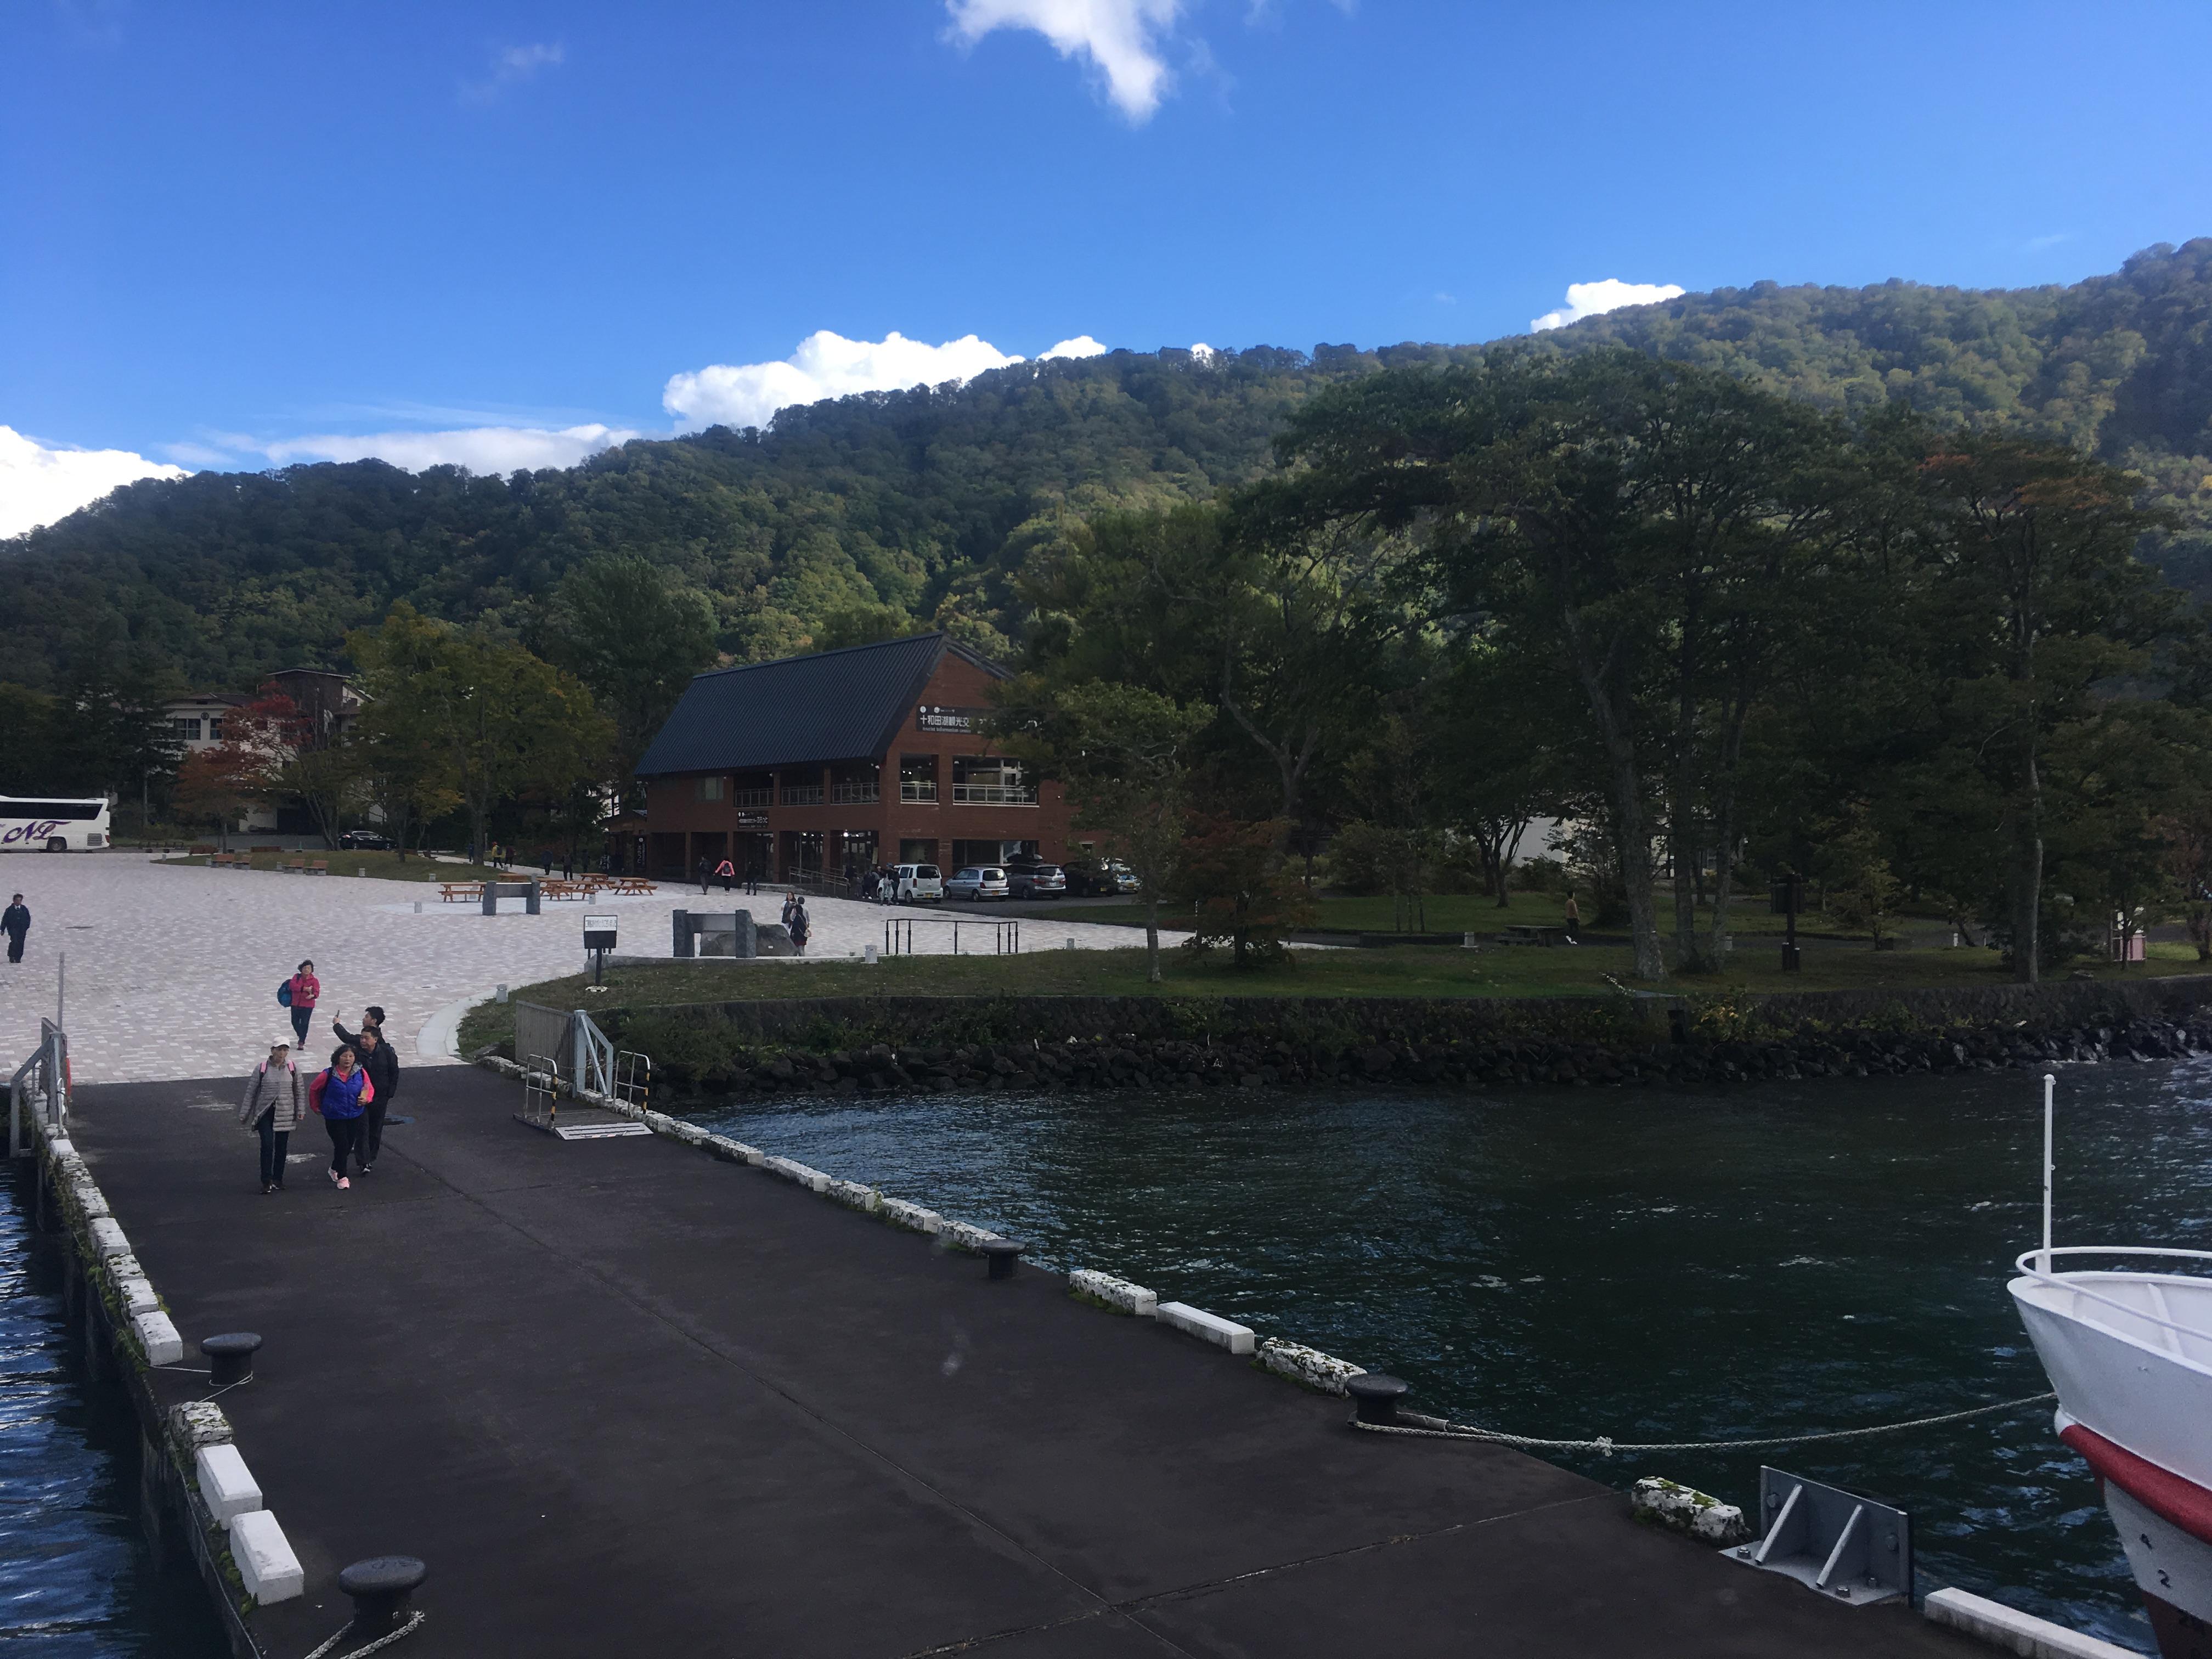 十和田湖遊覧船船首から乗り場